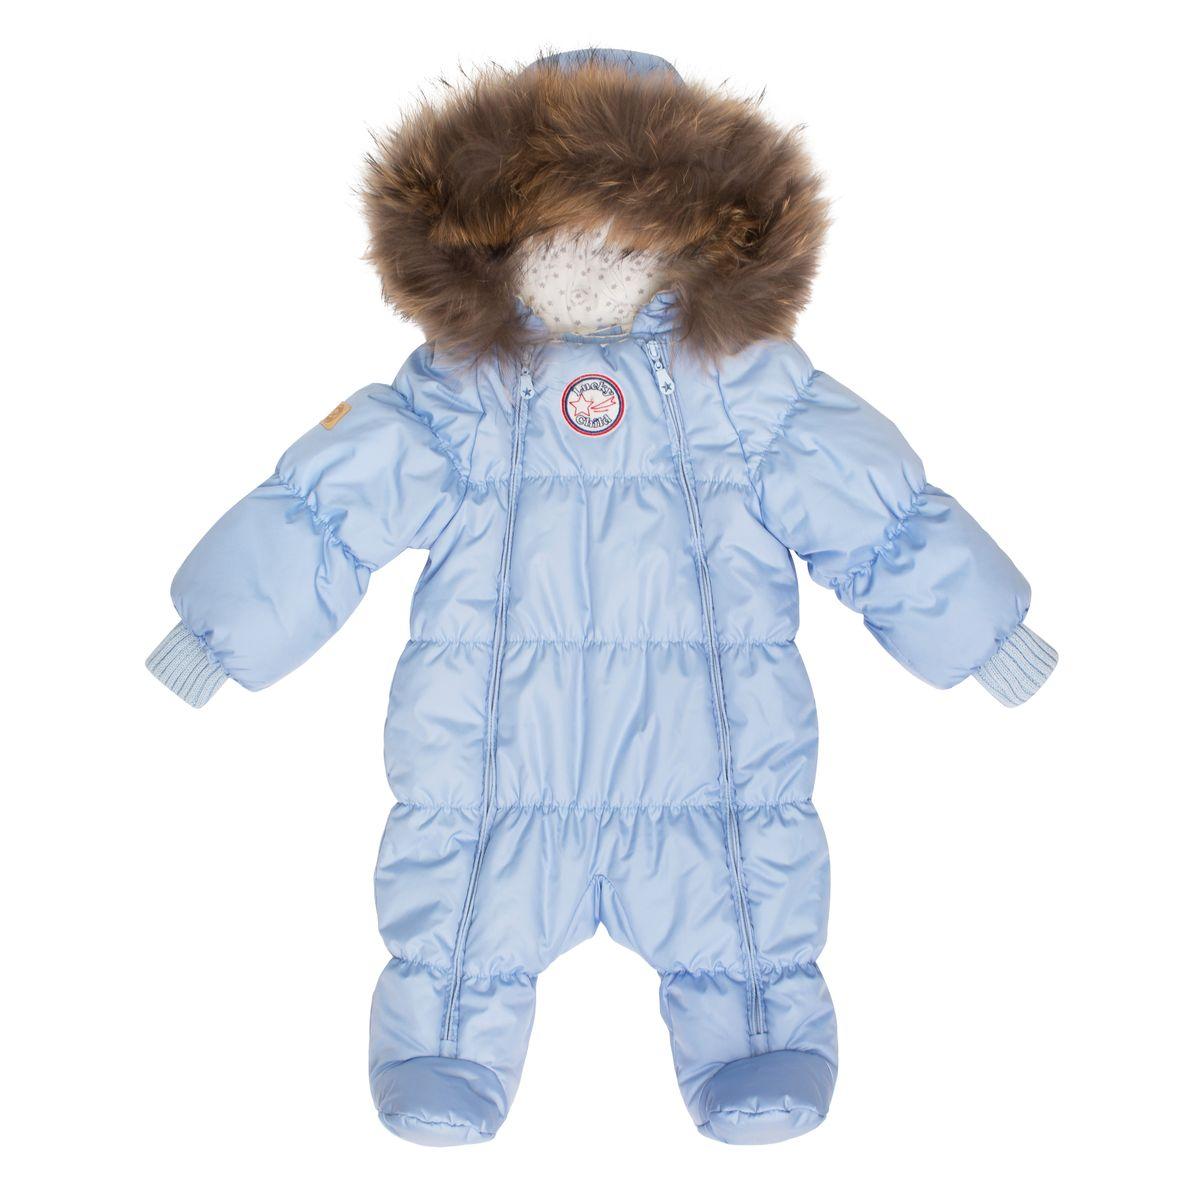 Комбинезон для мальчика Lucky Child, цвет: голубой. В1-2. Размер 56В1-2Неважно, будет ли ваш кроха спать всю прогулку или пойдёт разглядывать снег, ему будет удобно в этом тёплом и лёгком комбинезоне. Сверху - качественная курточная ткань с влагостойкой пропиткой, внутри - наполнитель Isosoft и трикотажная подкладка с воздухопроницаемыми и водоотводными свойствами. Удобная двойная молния позволяет легко одеть и раздеть ребёнка или просто поменять подгузник и продолжить прогулку при температуре до -30°. Ручки младенца можно легко спрятать в отворачивающуюся варежку. Капюшон оторочен натуральным мехом енота.